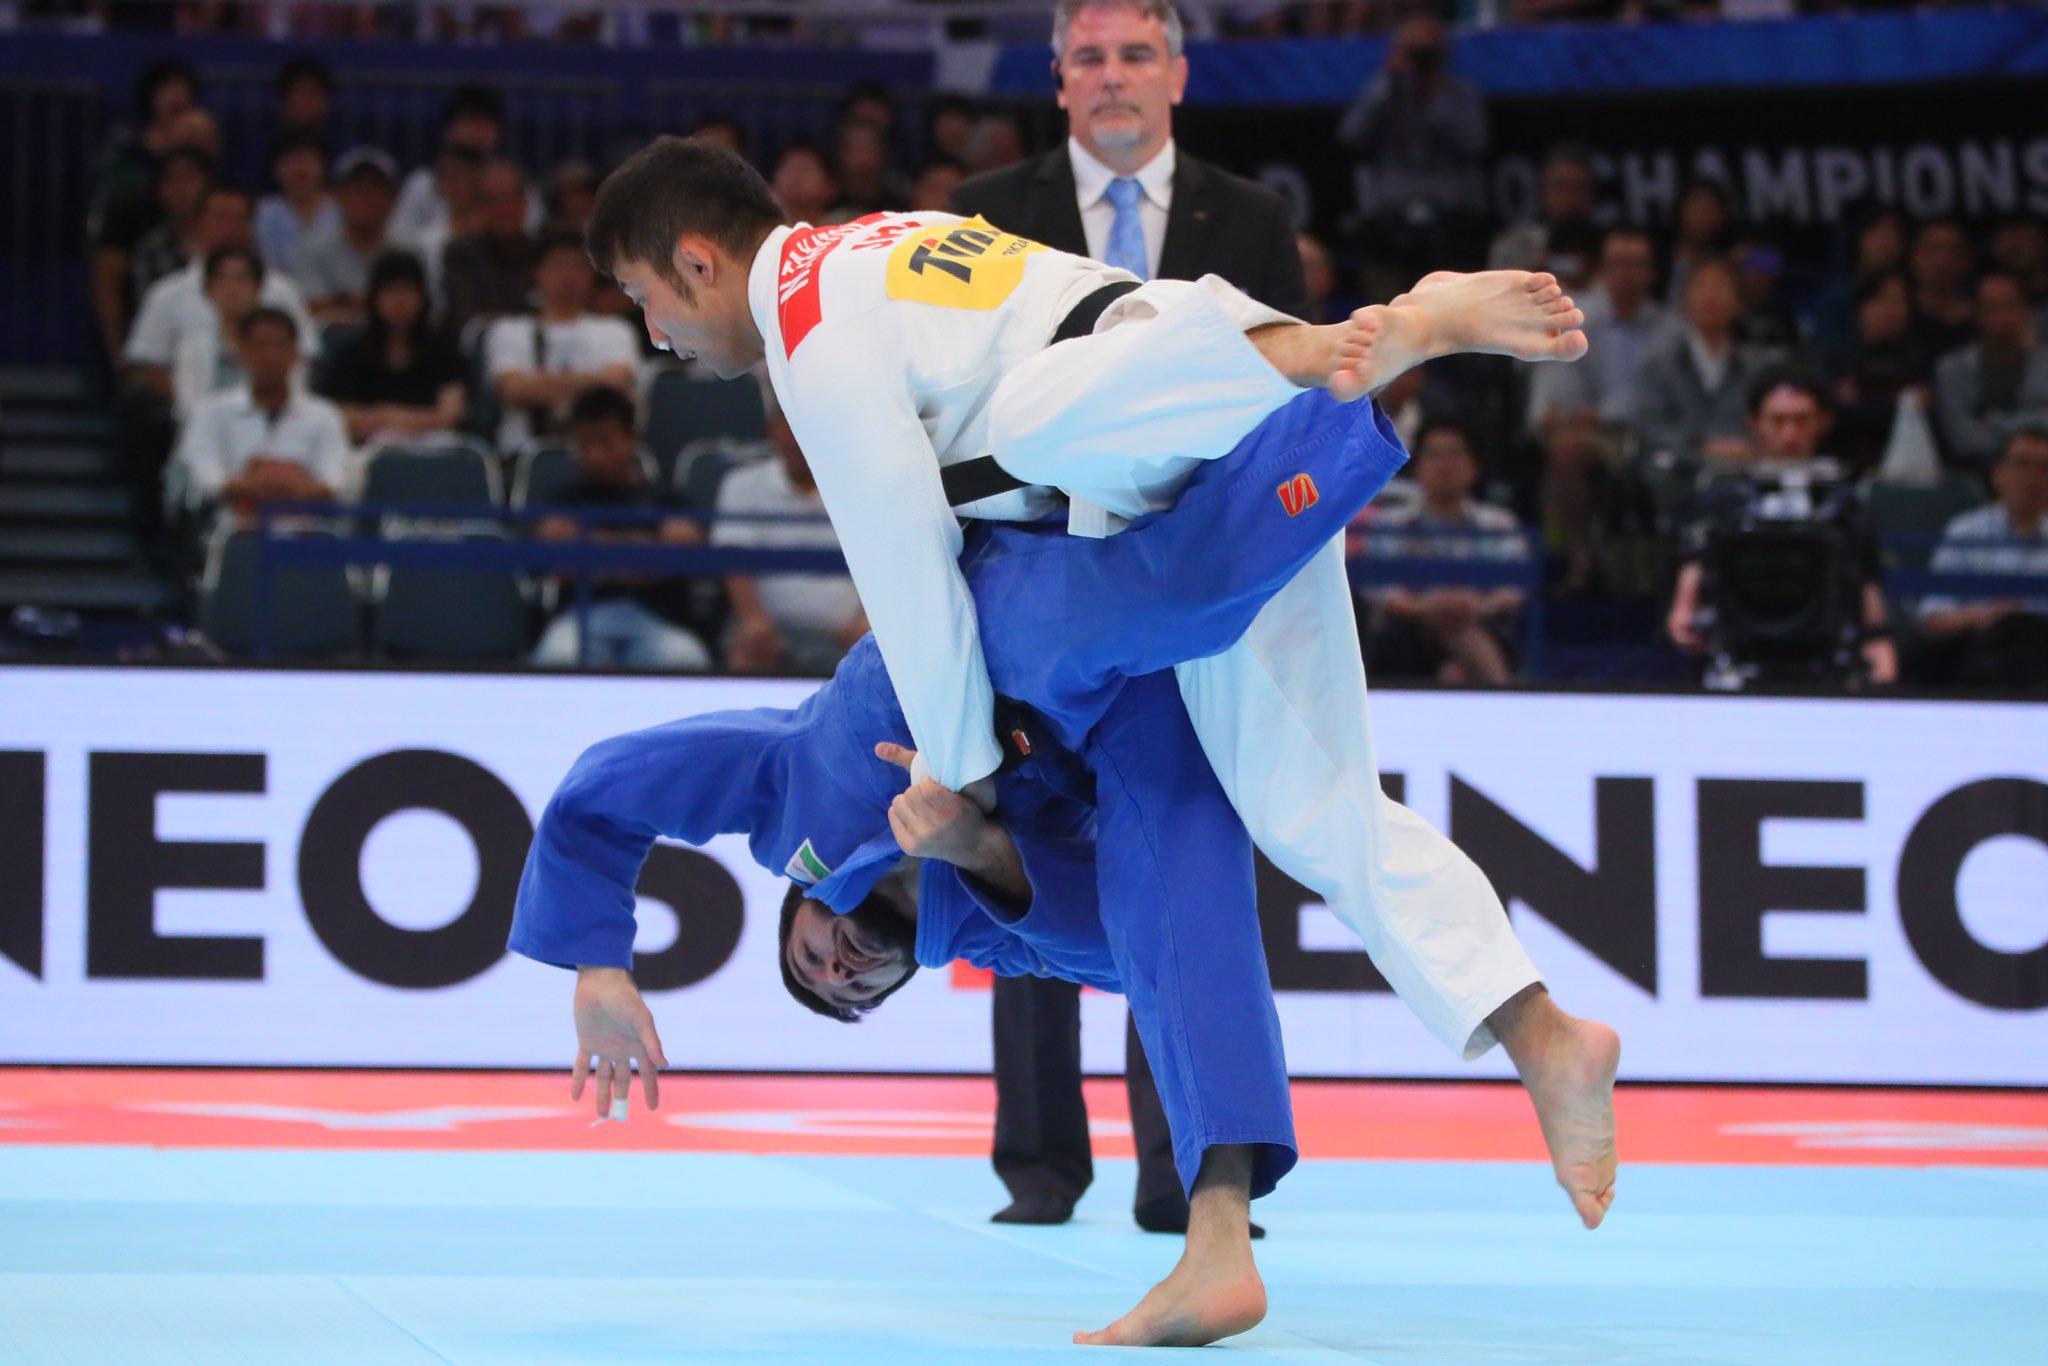 柔道世界選手権 髙藤直寿 三連覇ならず。準々決勝で一本負け